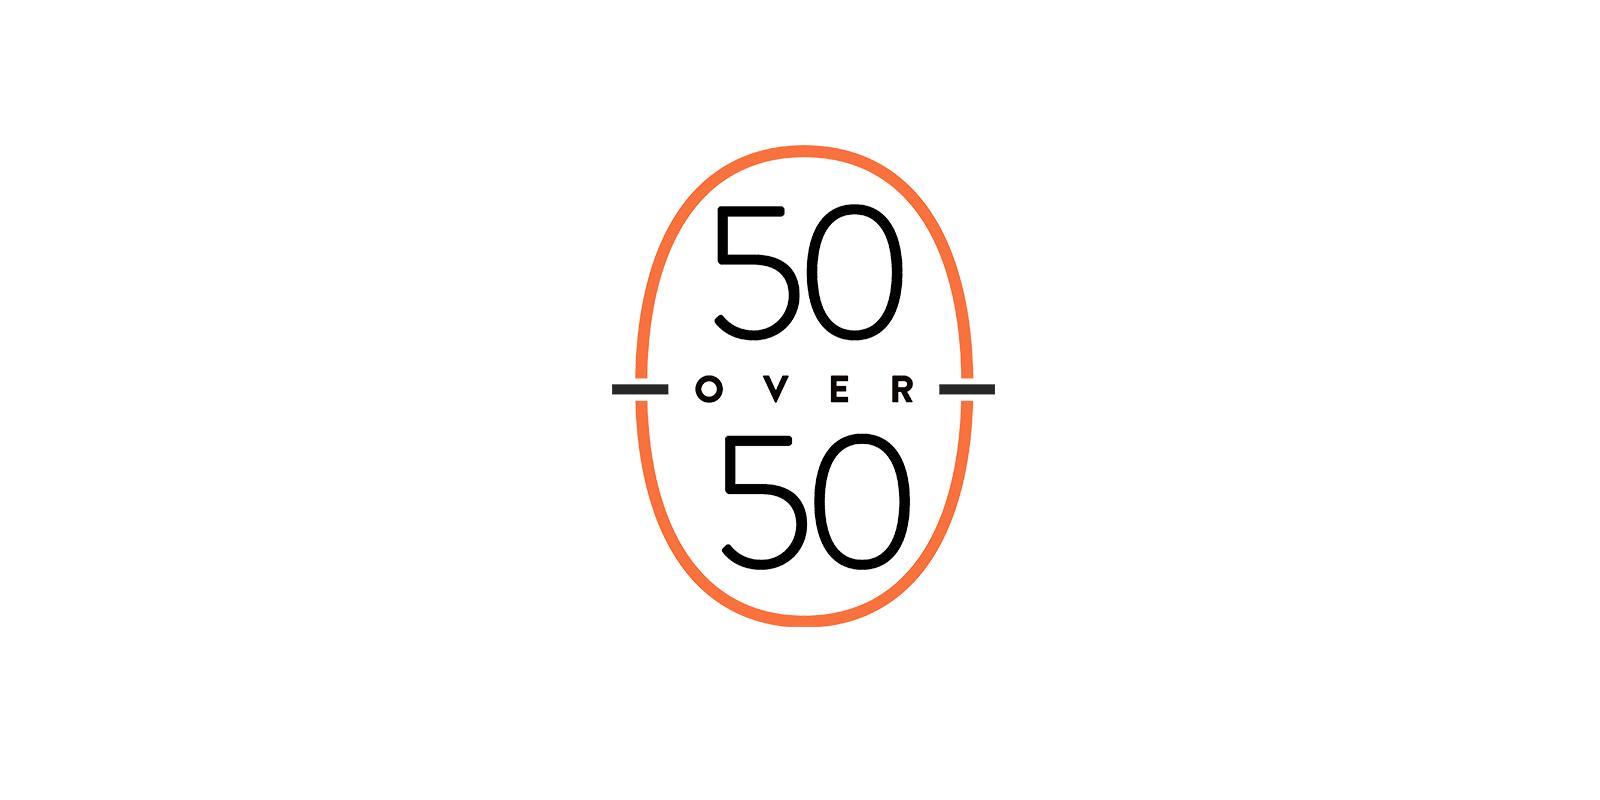 50 OVER 50 LOGO